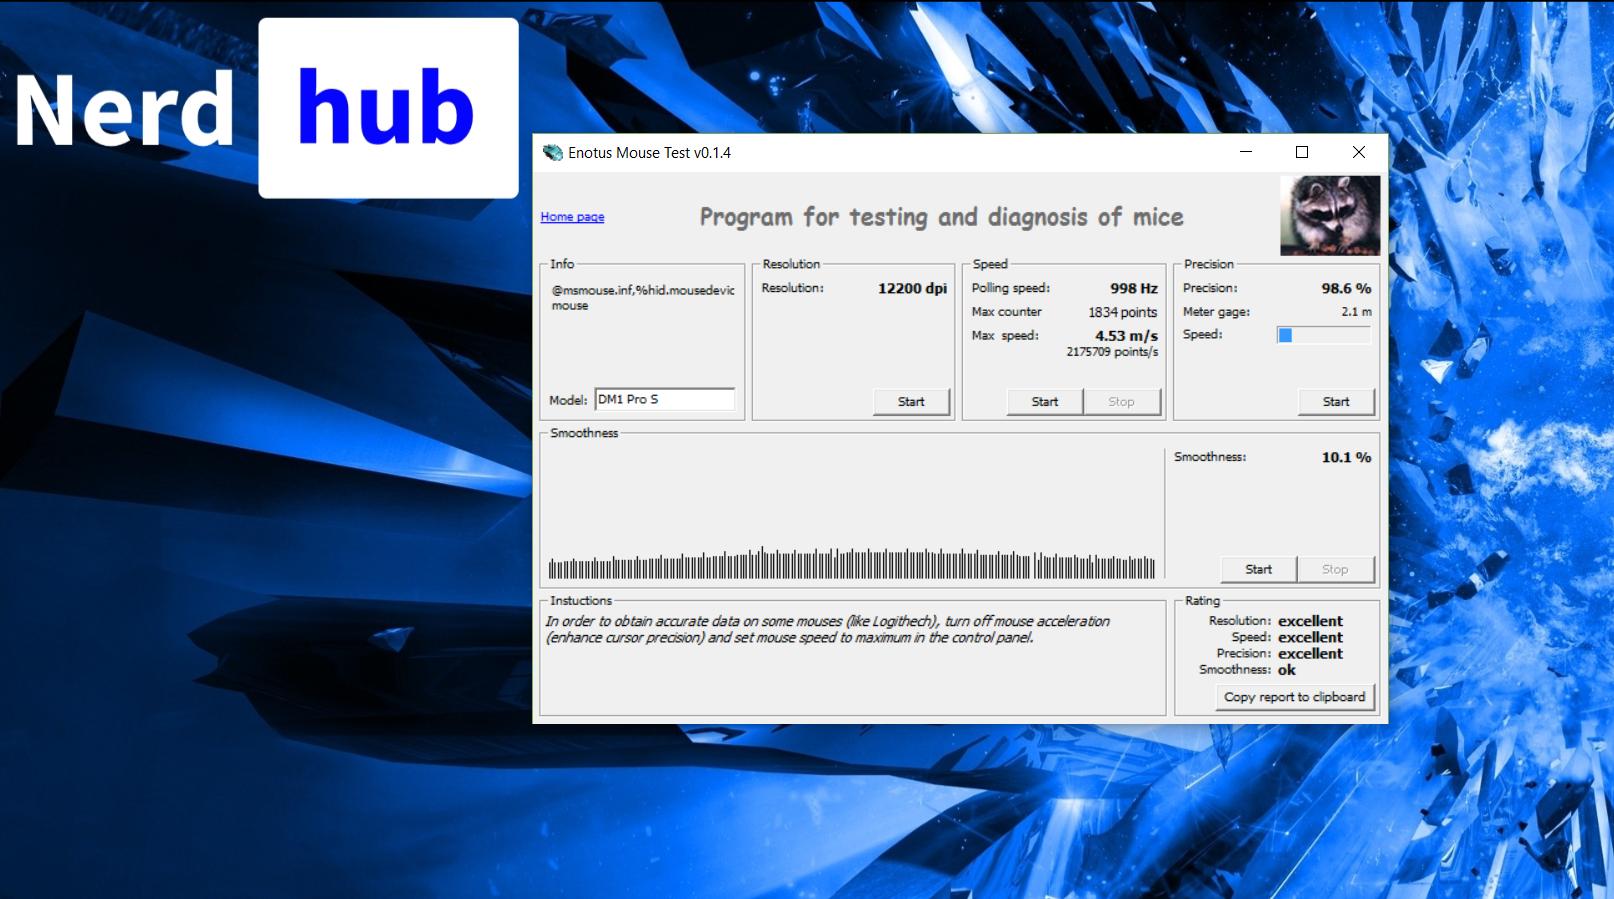 DreamMachines DM1 Pro S - recenzja myszy - NerdHub